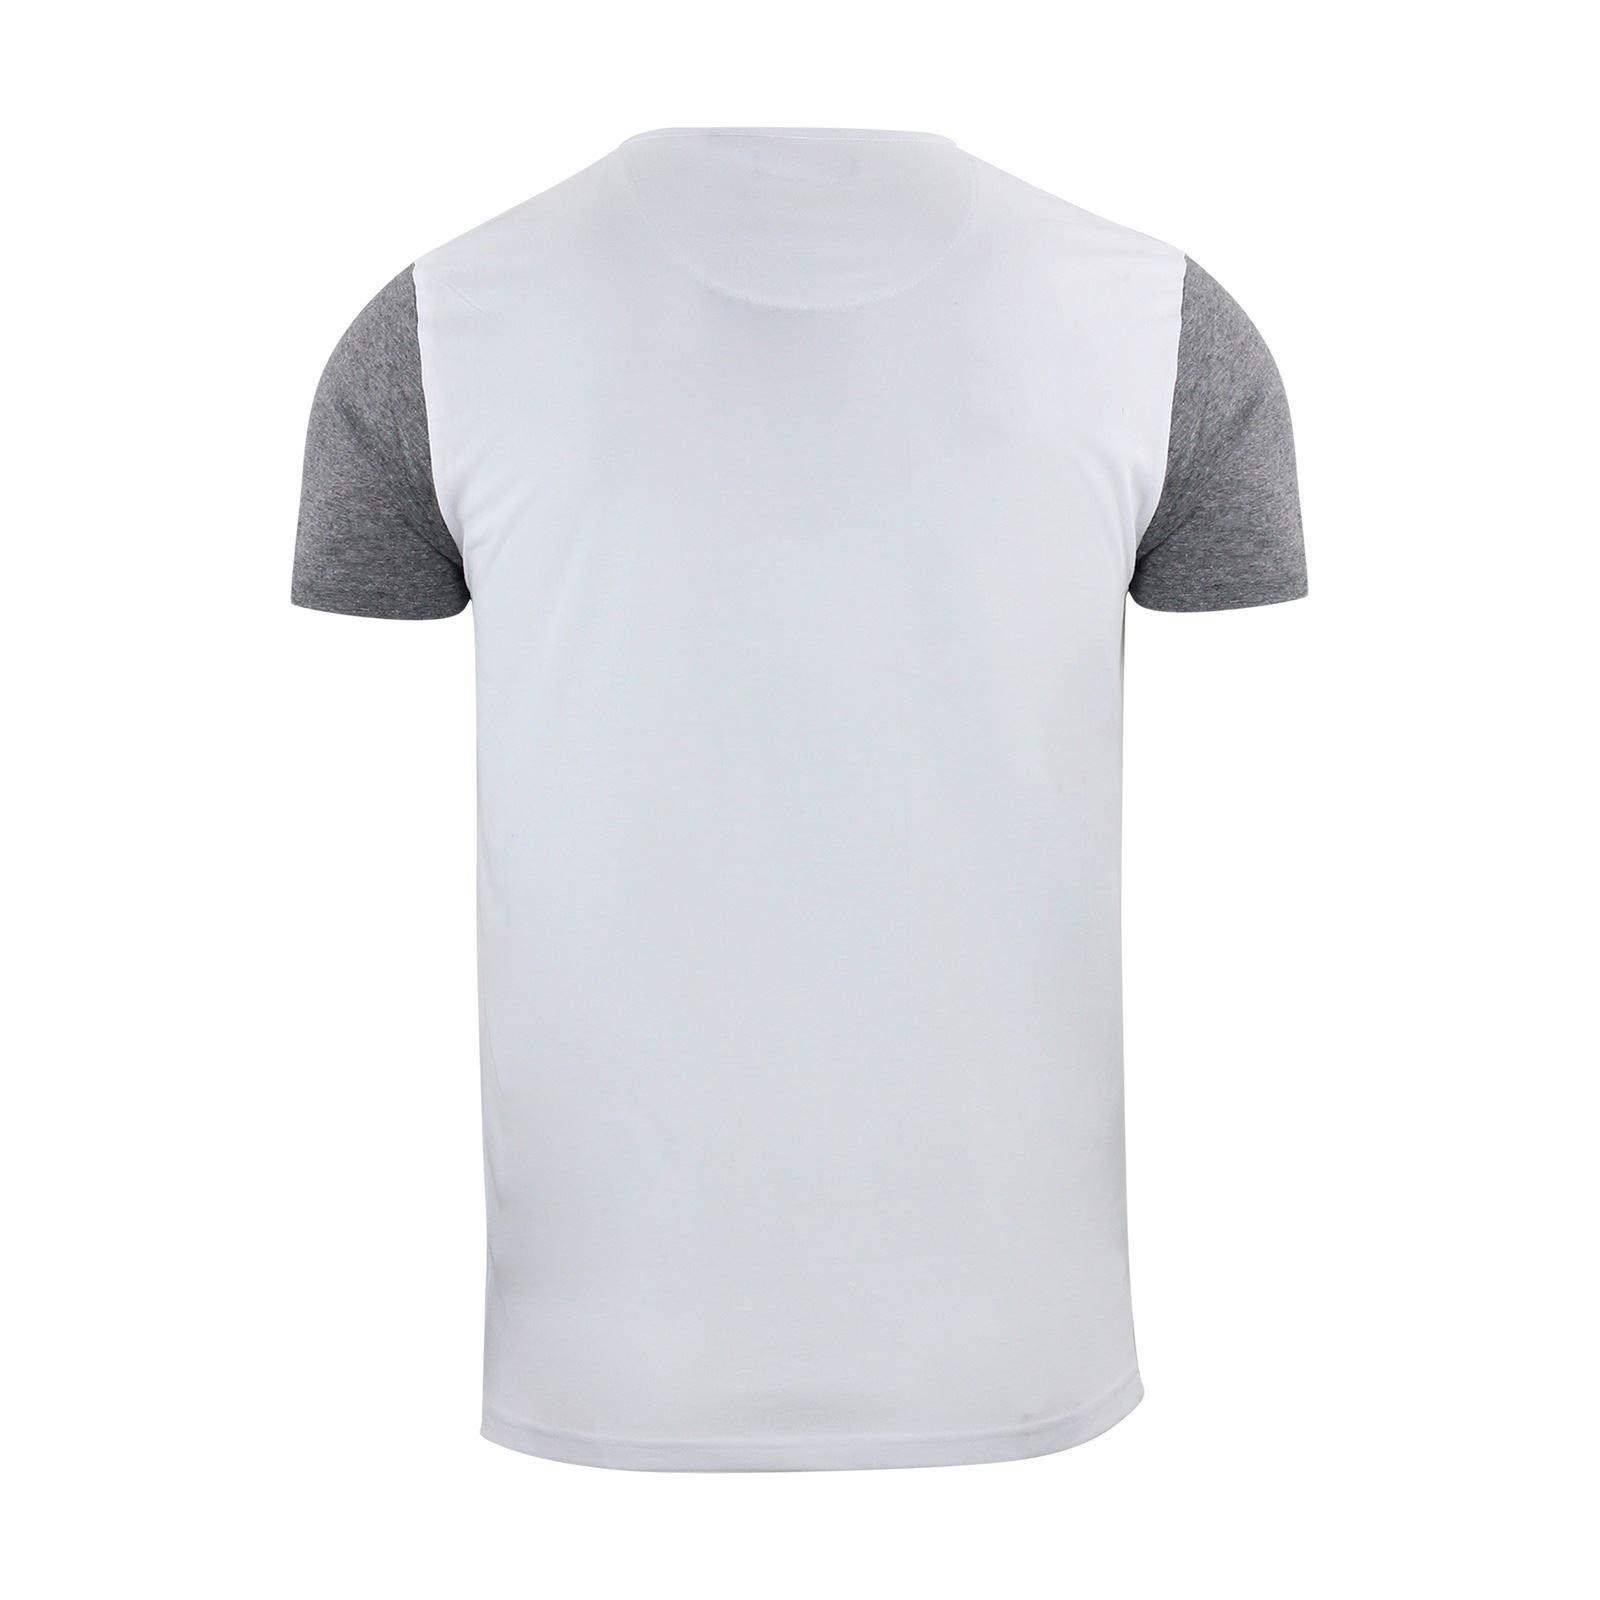 Brave-Soul-Quartz-Homme-T-Shirt-Grandad-Neck-manches-courtes-coton-tee miniature 11